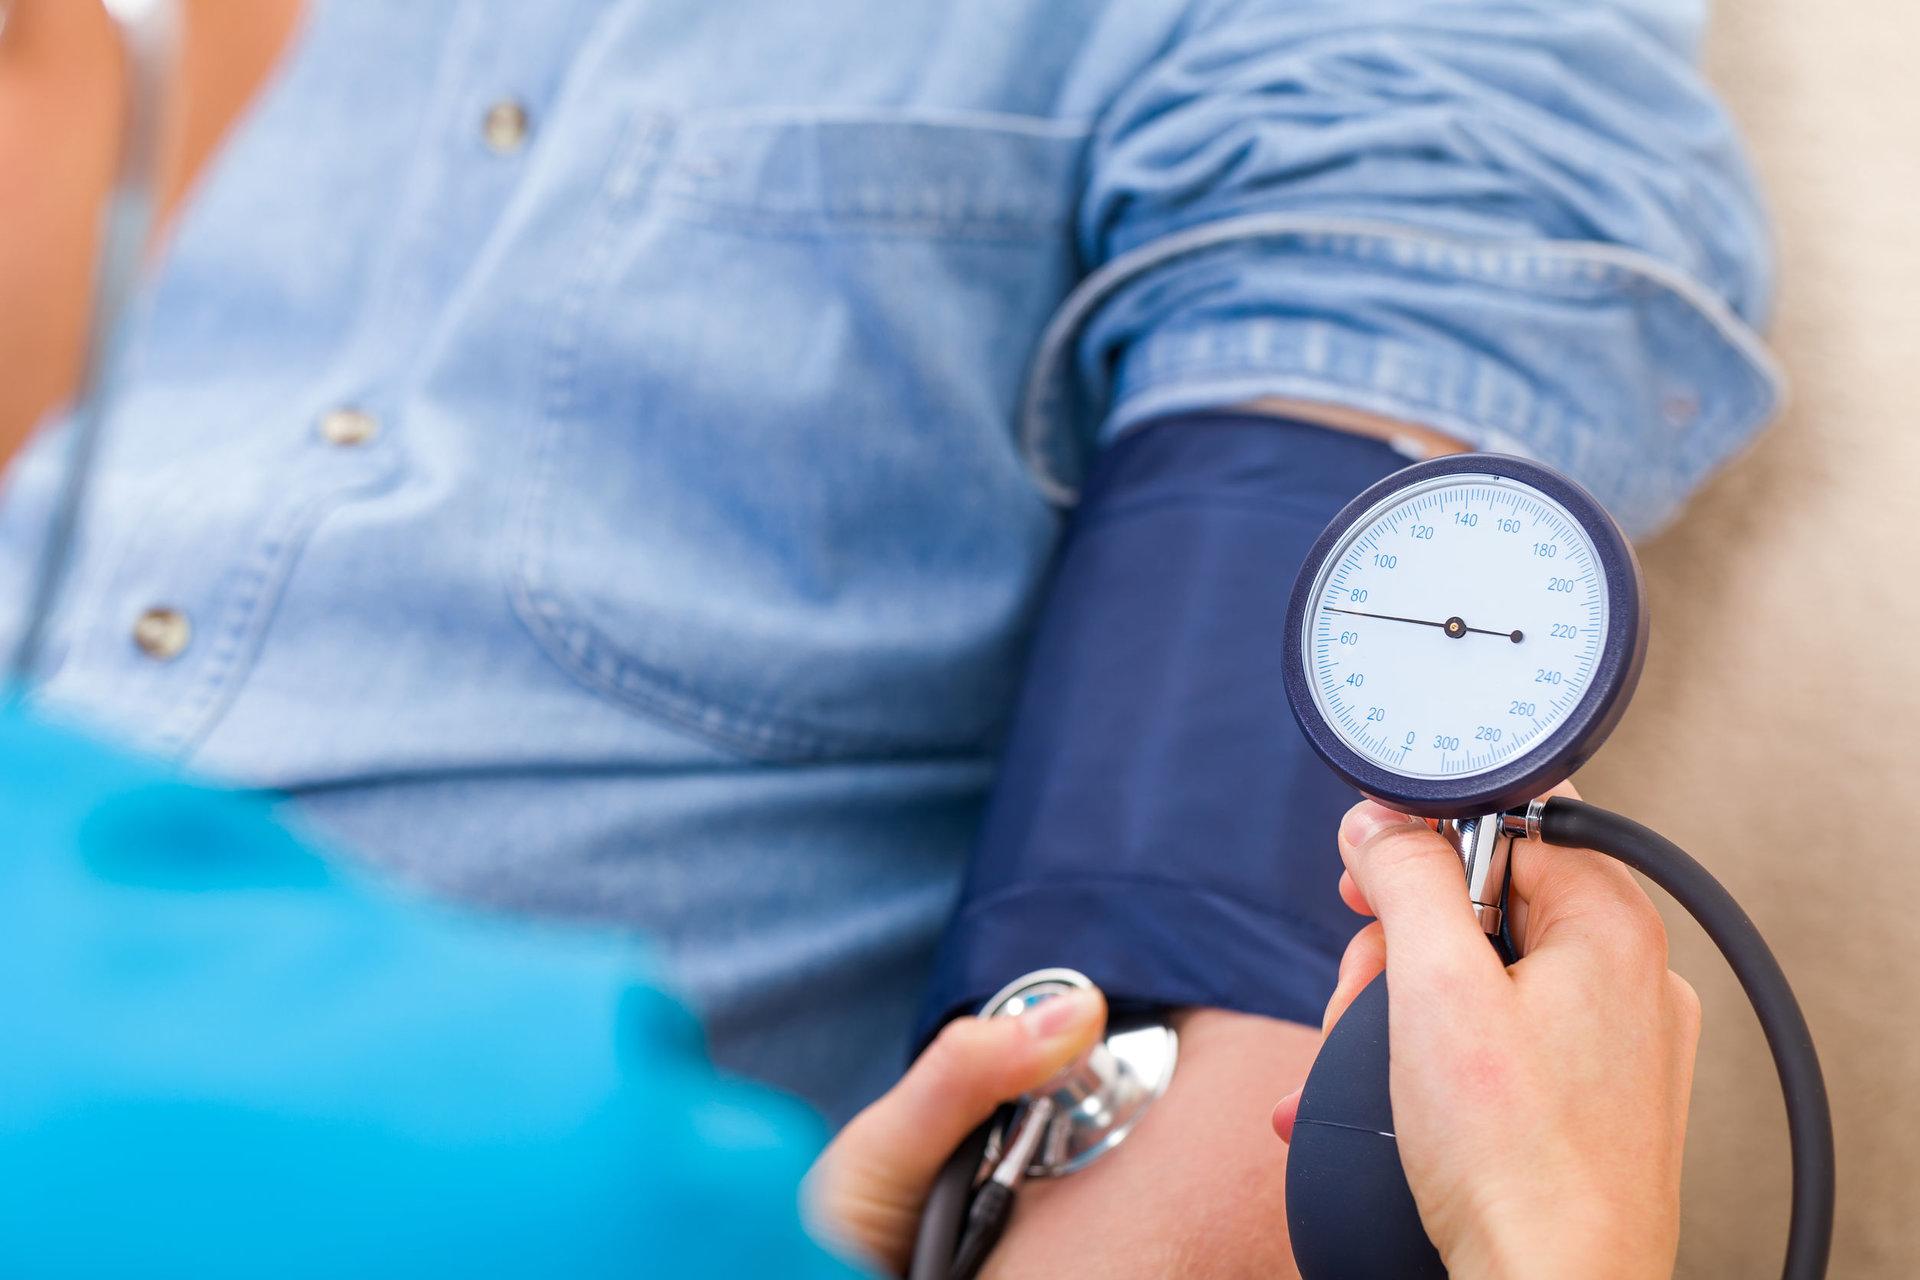 kaip gydyti hipertenziją ir ką ji sukelia gudobelių arbatos širdies sveikata